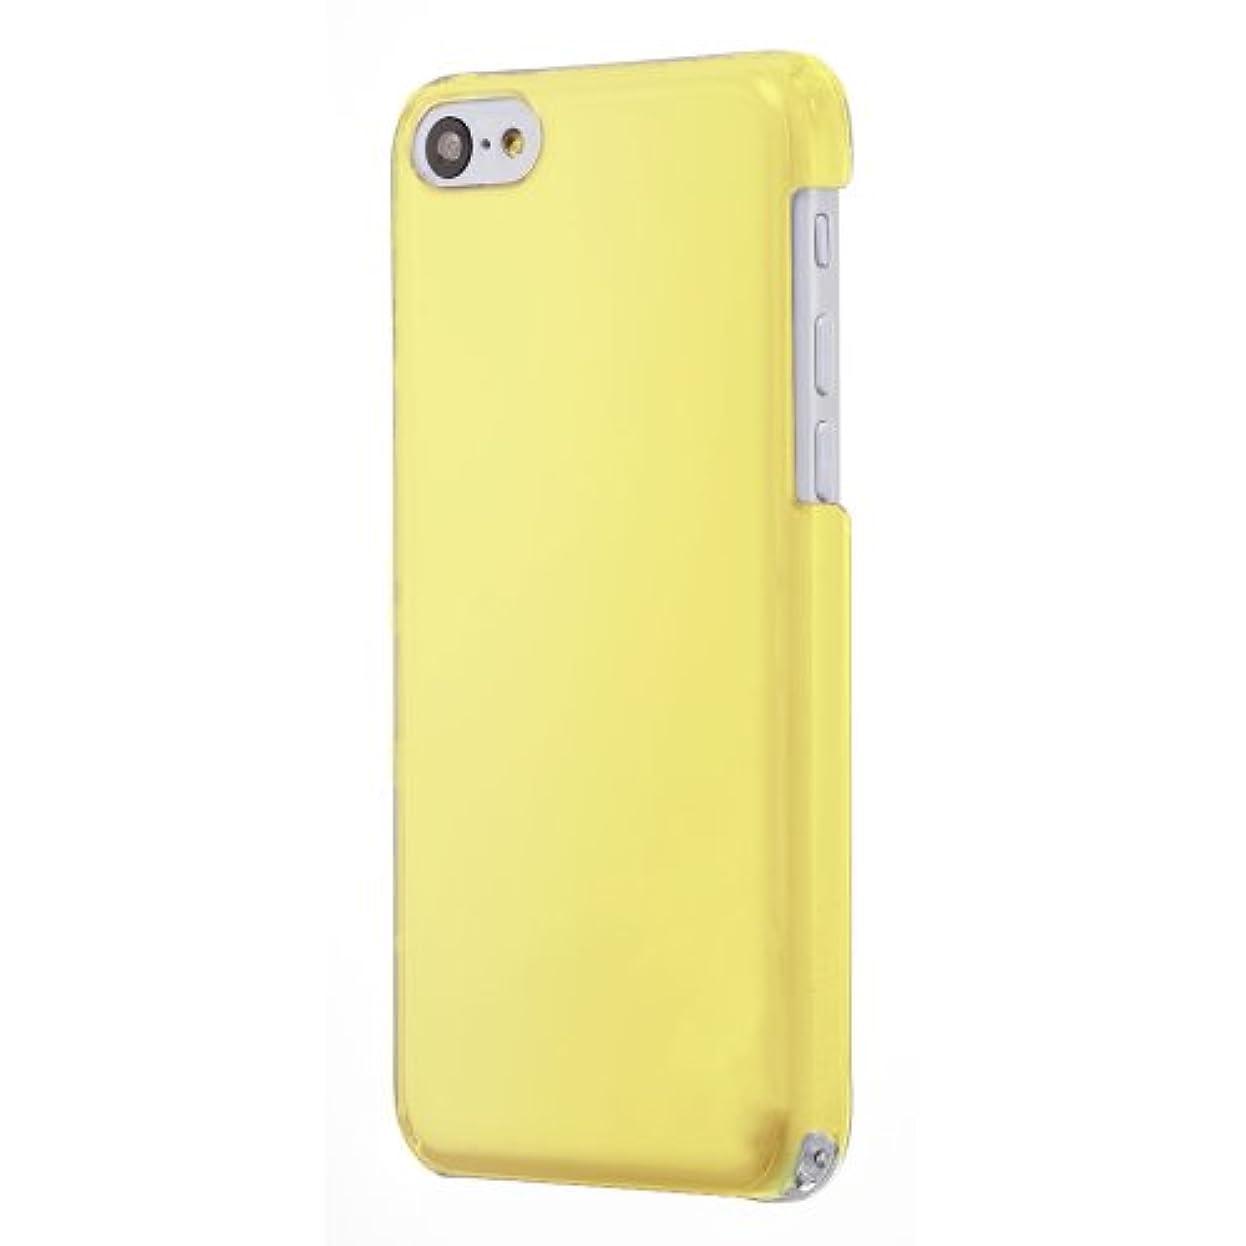 不機嫌そうな和密接にSimplism iPhone 5C クリスタルカバー 傷防止コーティング/ストラップホール/抗菌/液晶保護フィルム付属 ミモザイエロー TR-CCIP13L-YL